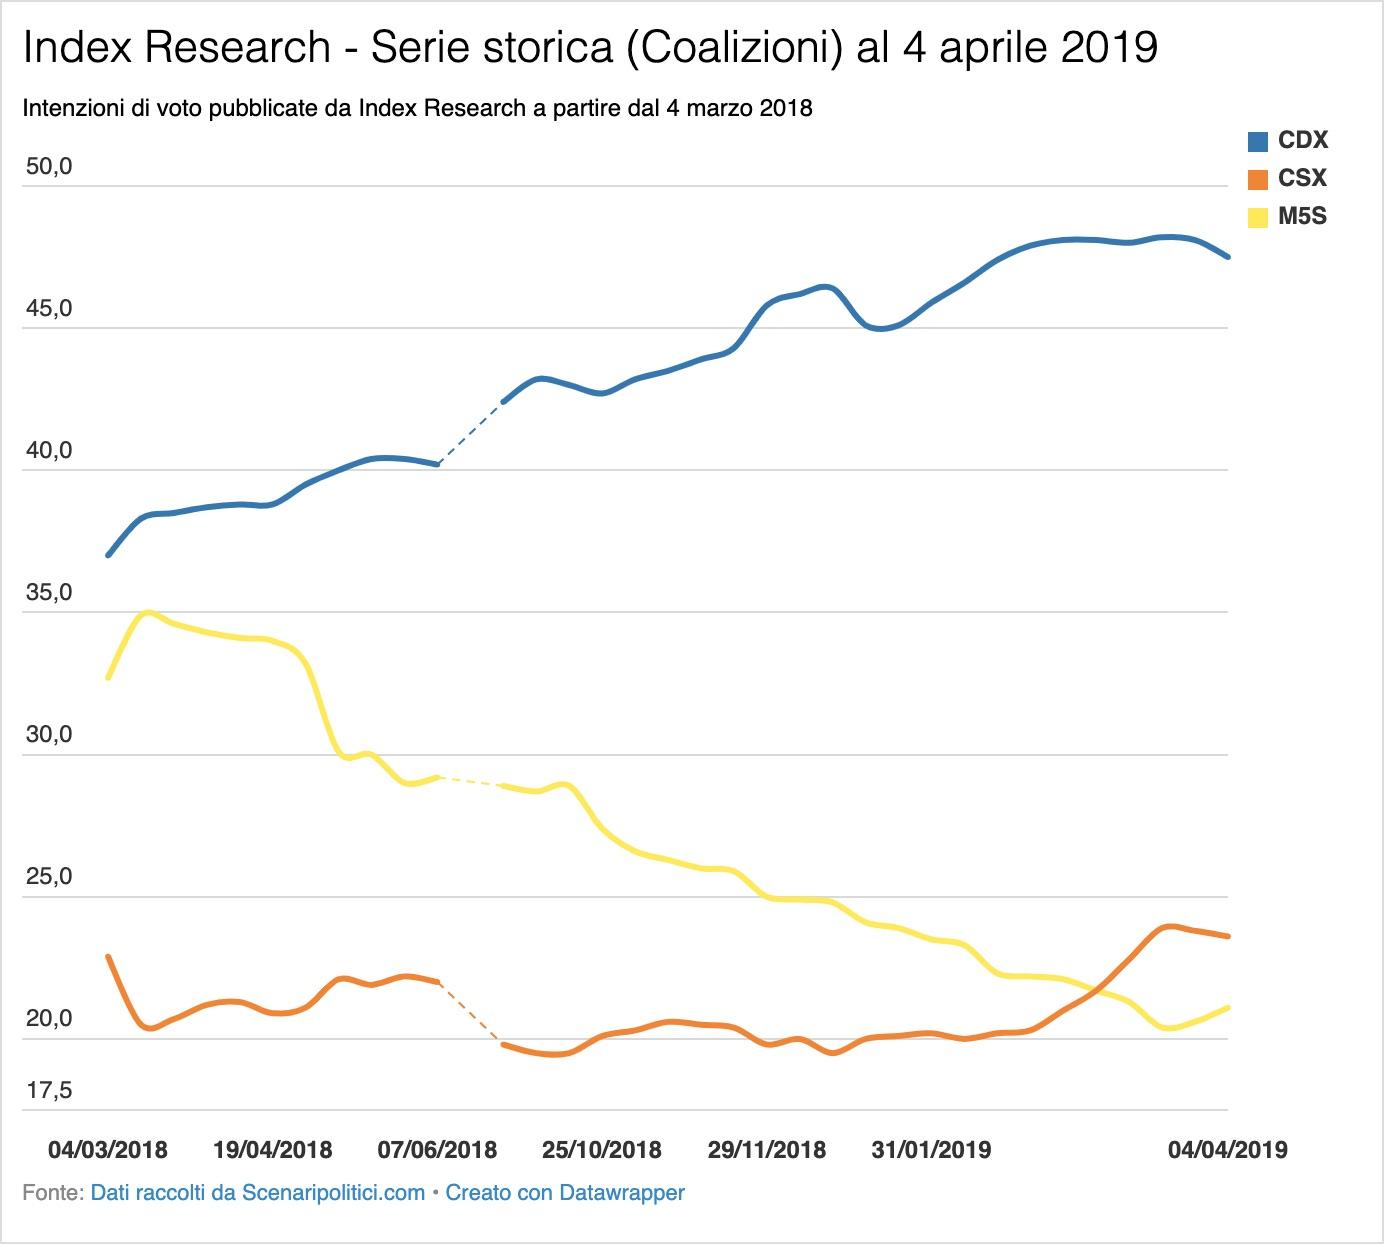 Sondaggio Index Research 4 aprile 2019